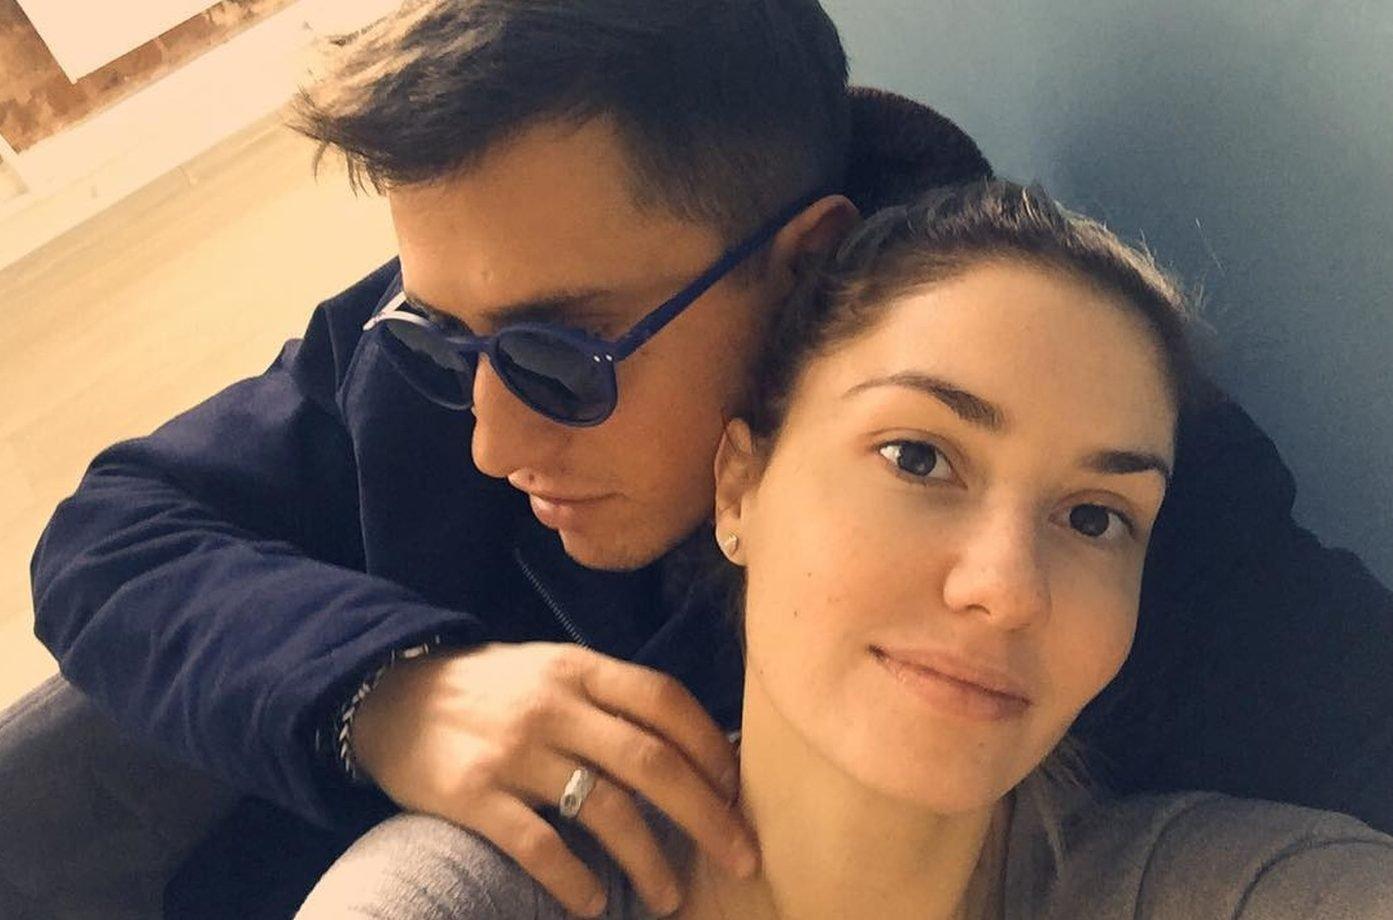 Агата Муцениеце рассказала о жизни после скандального разрыва с мужем